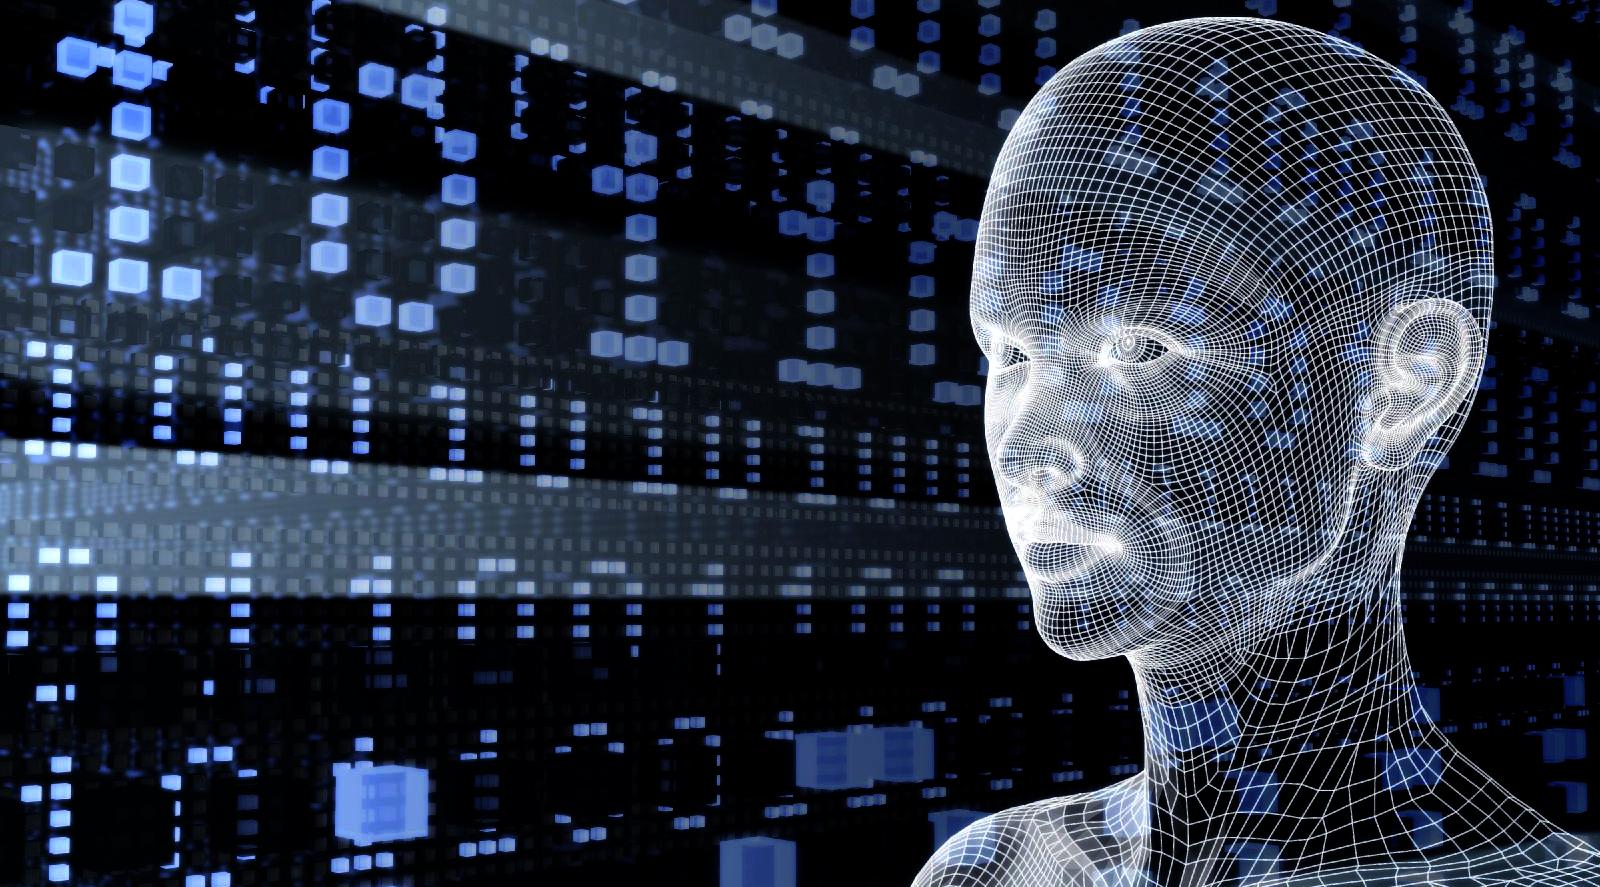 Dall'UE una strategia per un'ecosistema di fiducia sulla IA